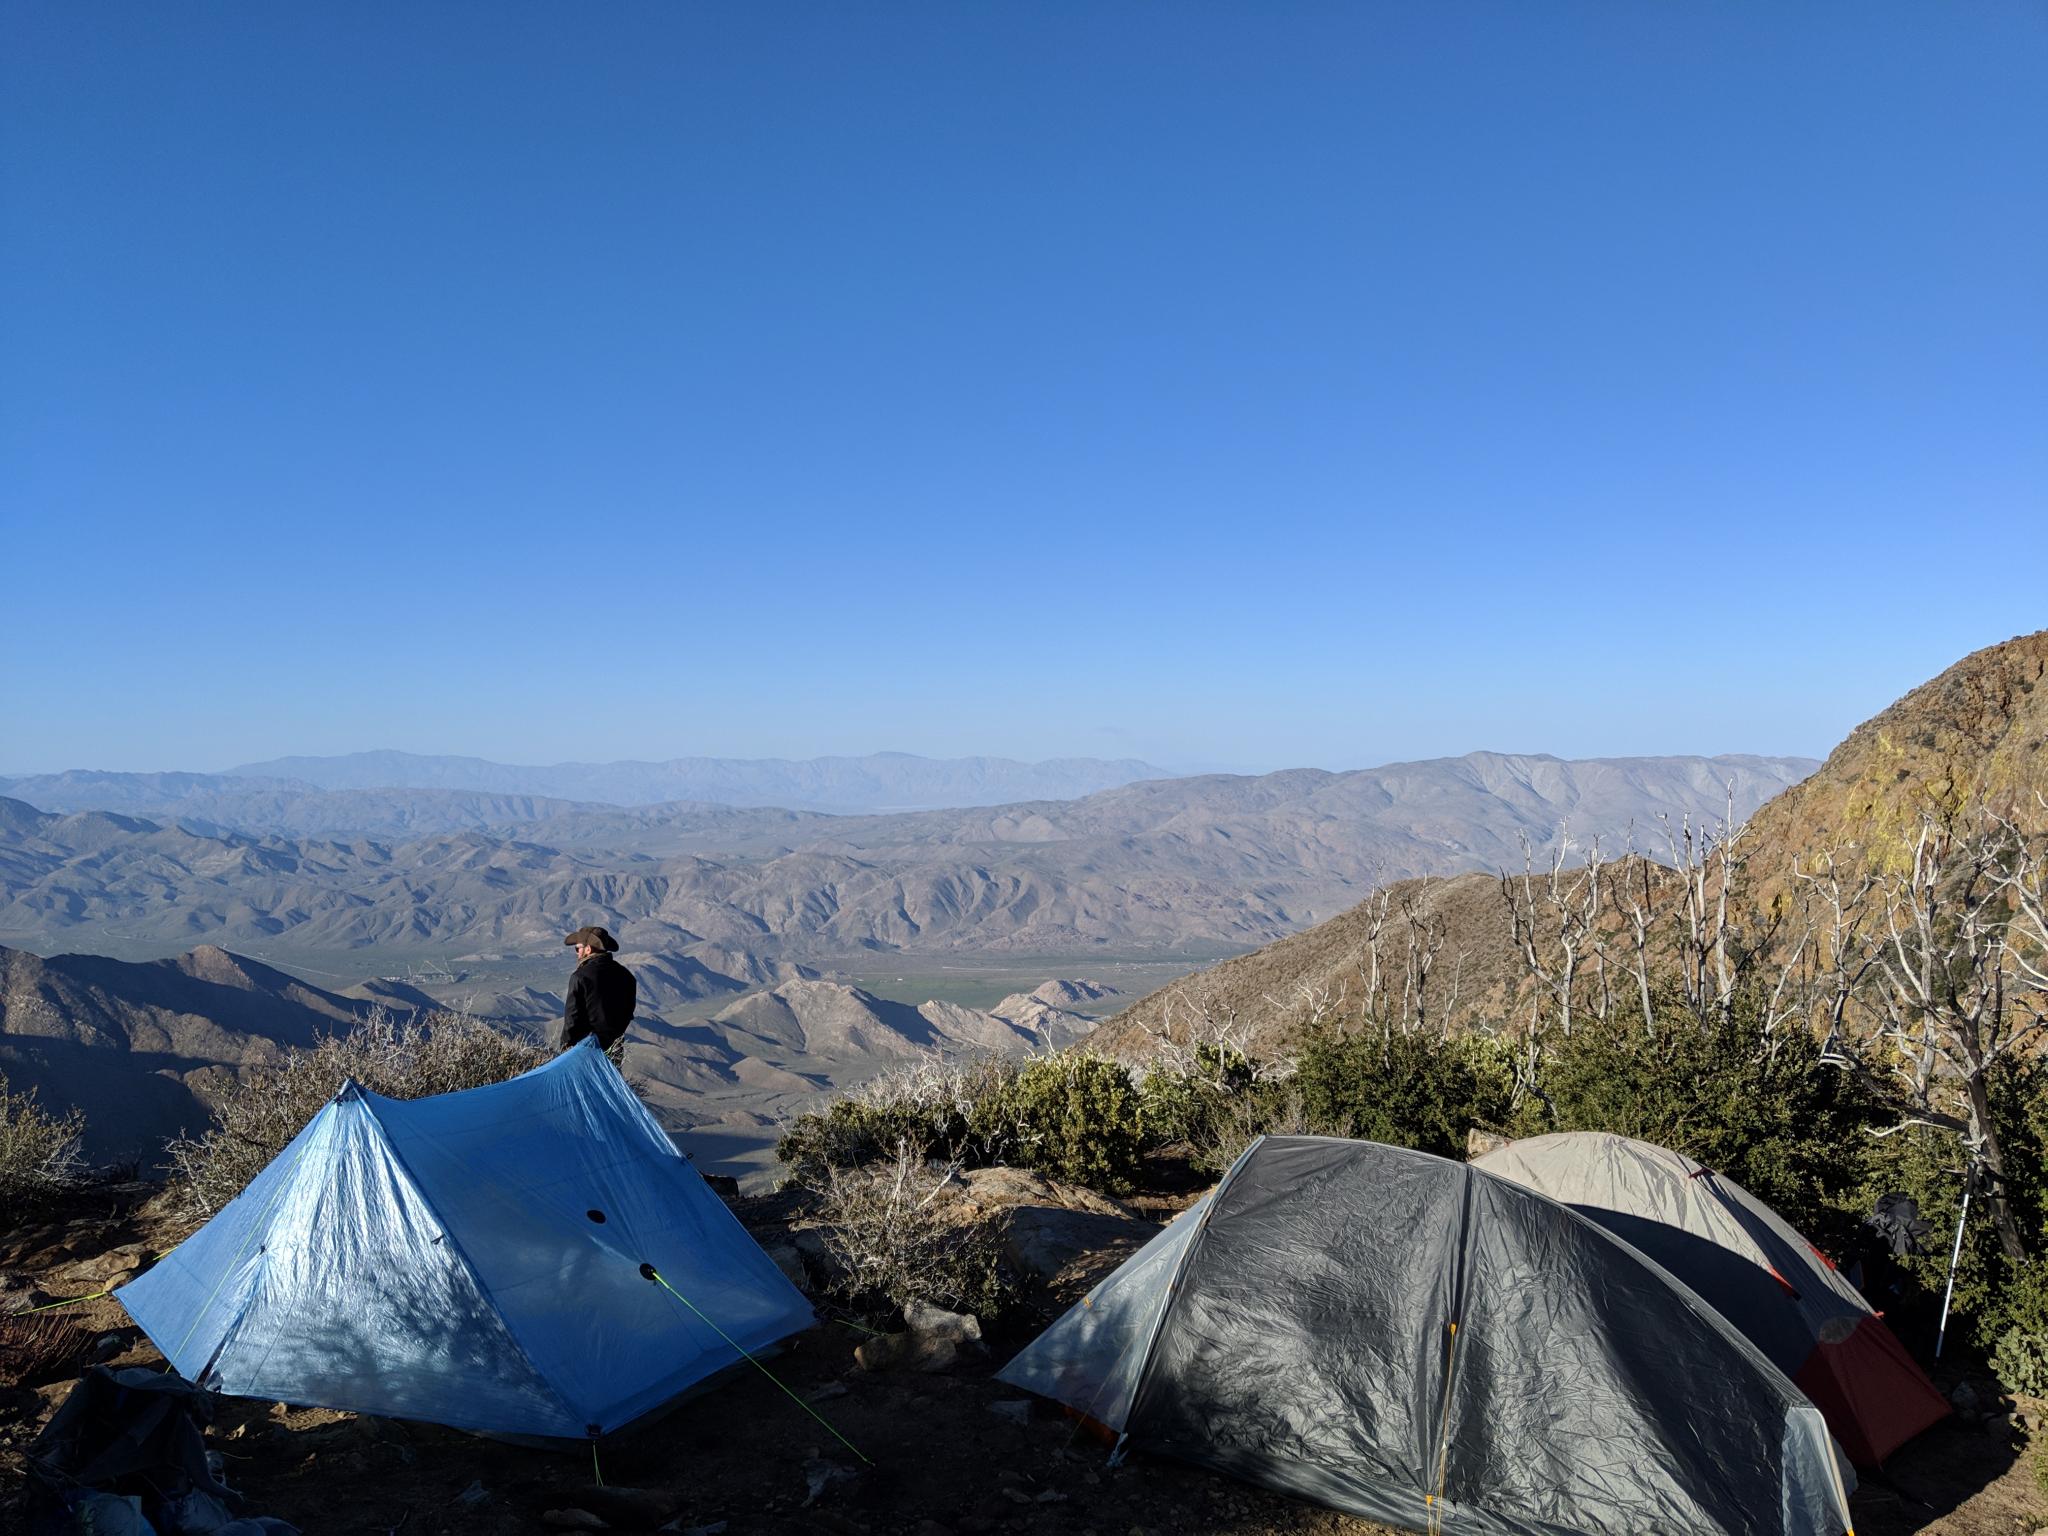 Le plus beau site de camping jusqu'à date • The best camping spot so far